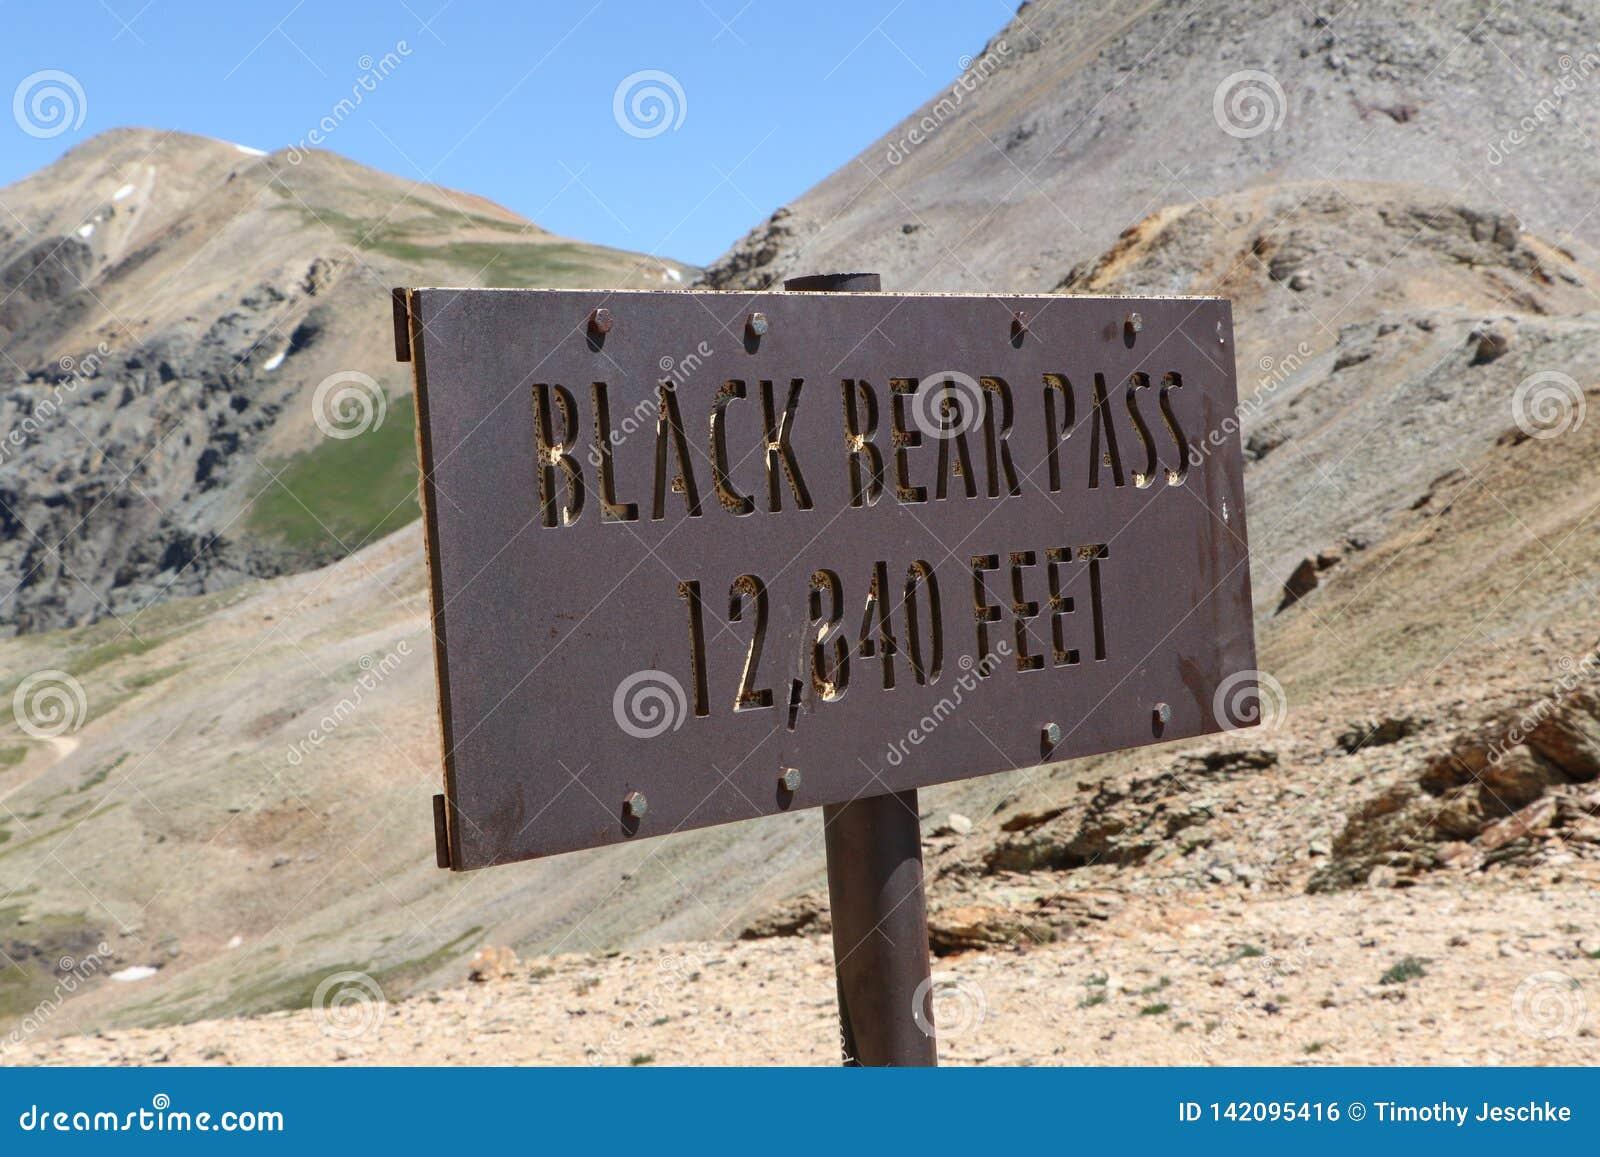 Schwarzer Bärn-Durchlauf-Gipfel-Aufzug-Markierung